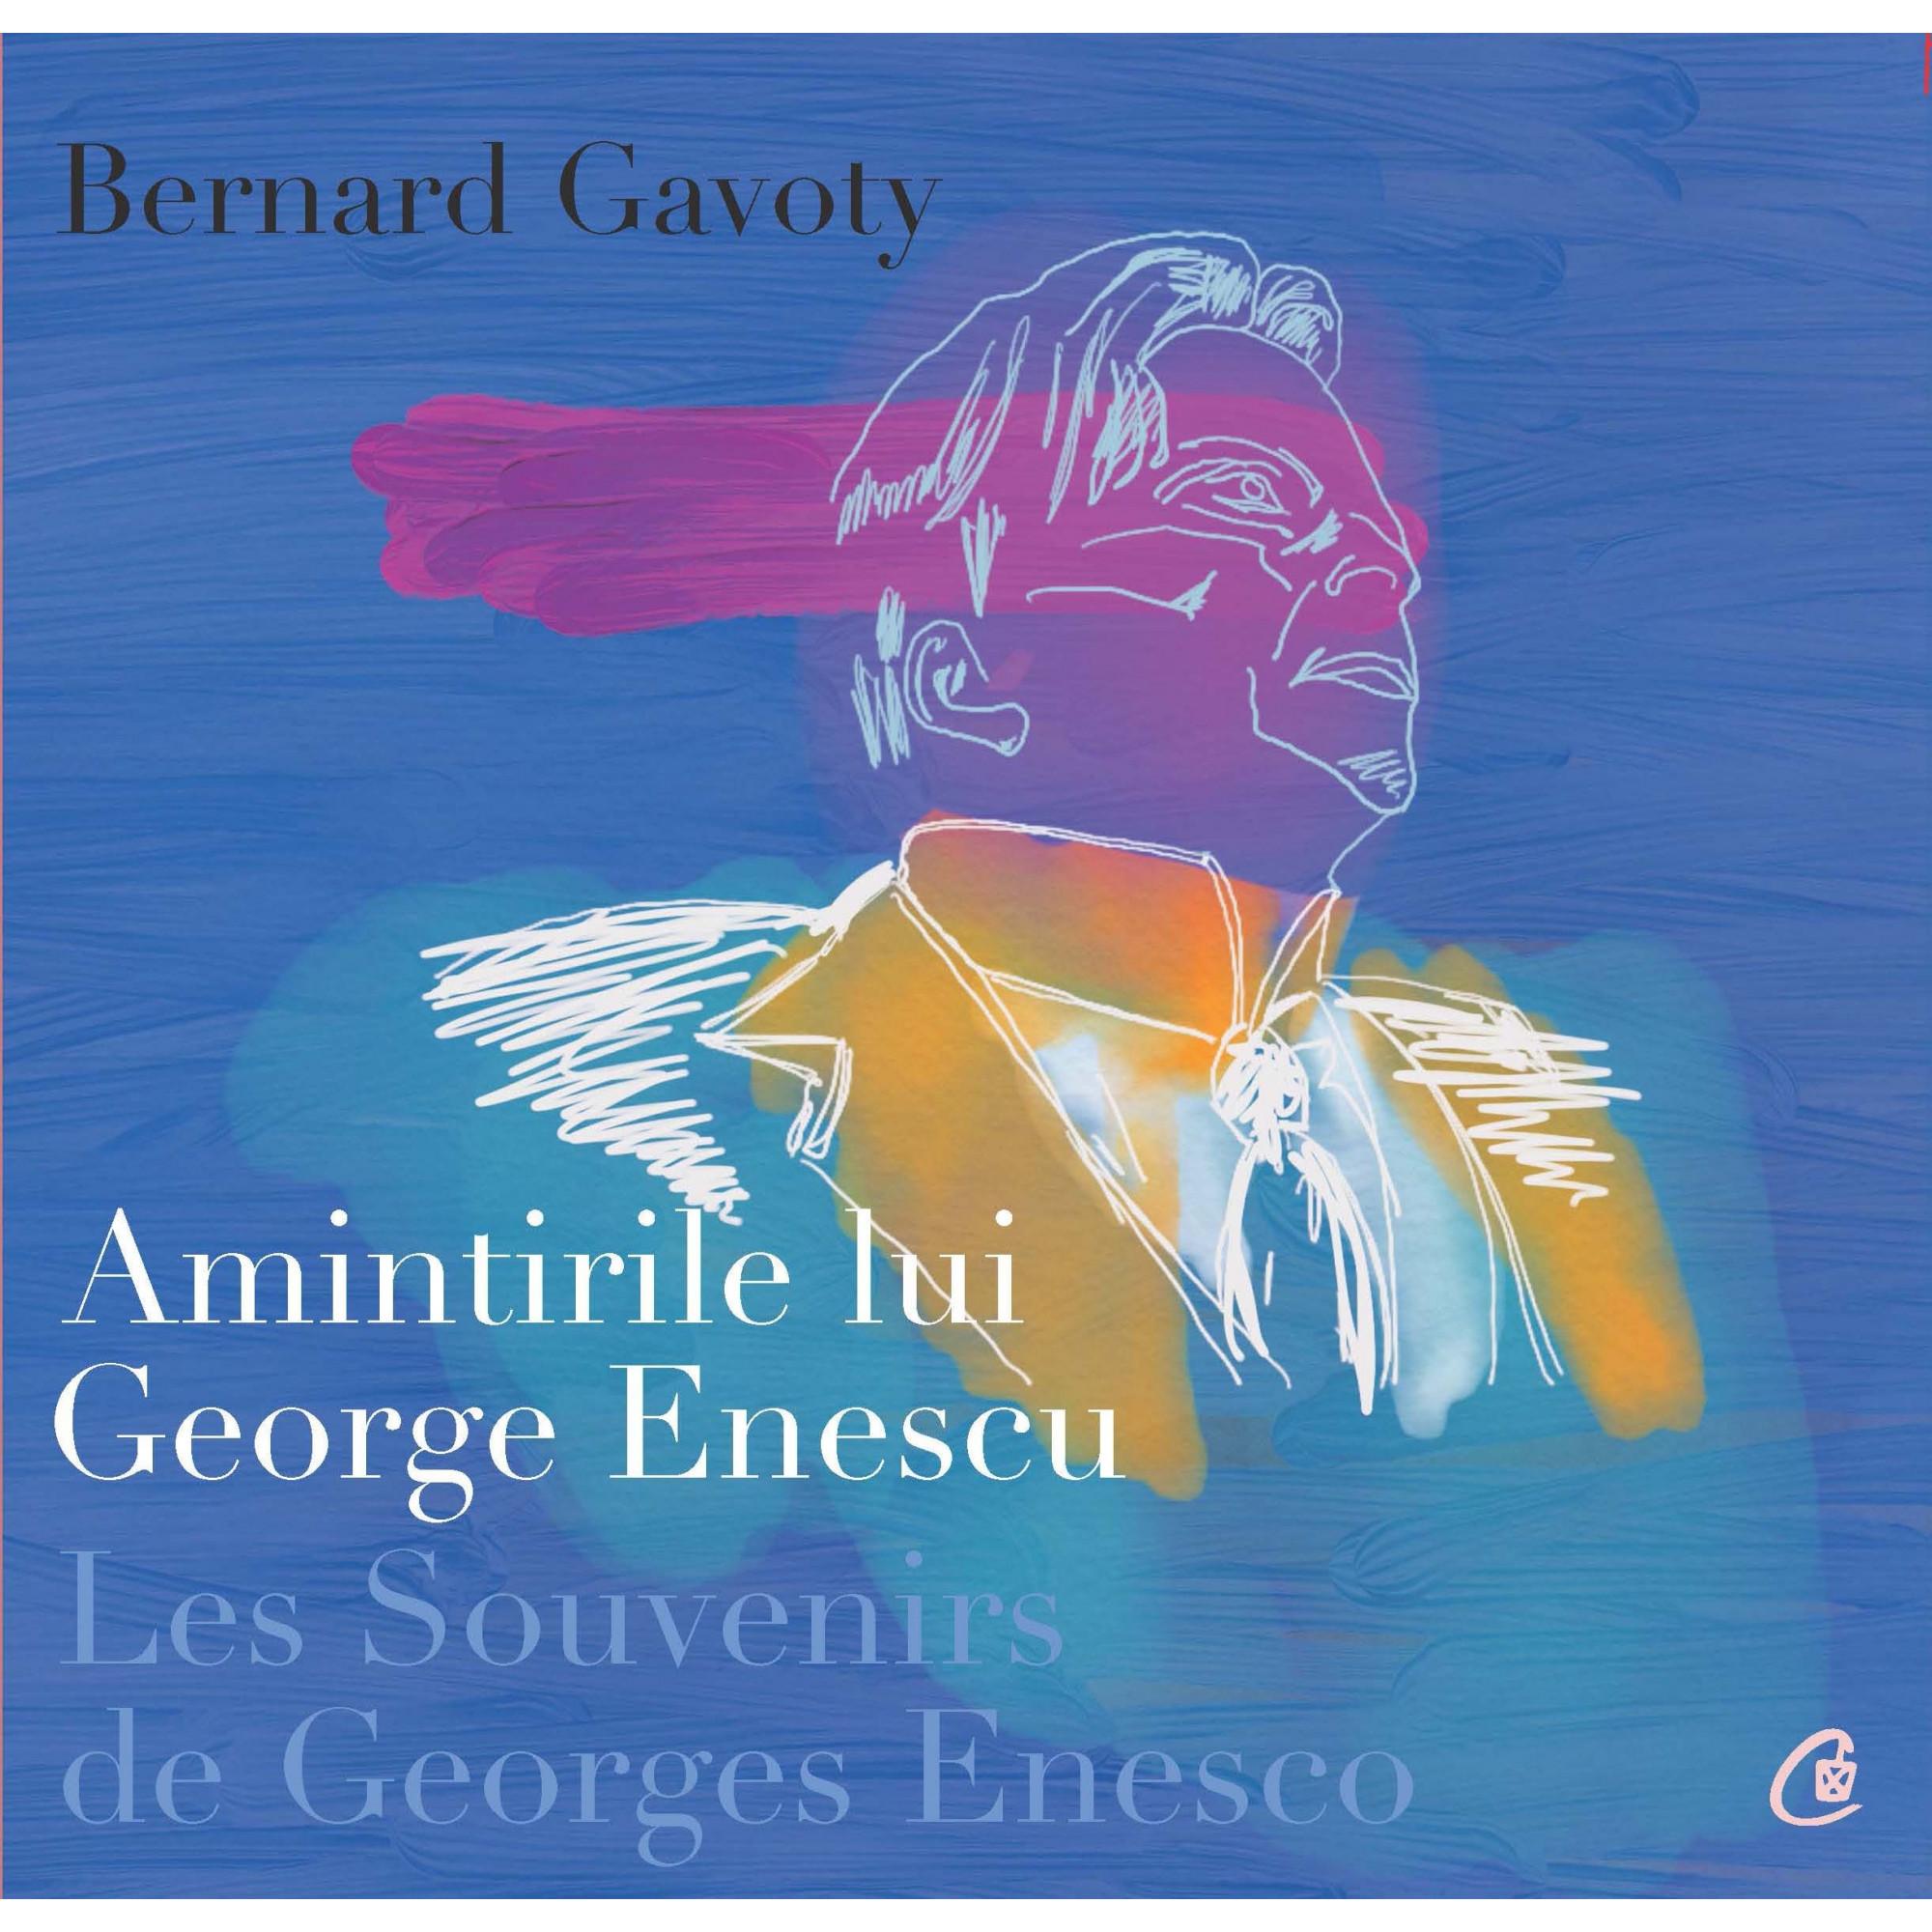 Amintirile lui George Enescu/ Les Souvenirs de Georges Enesco. Ediția a II-a. Ediție bilingvă (franceză și română)